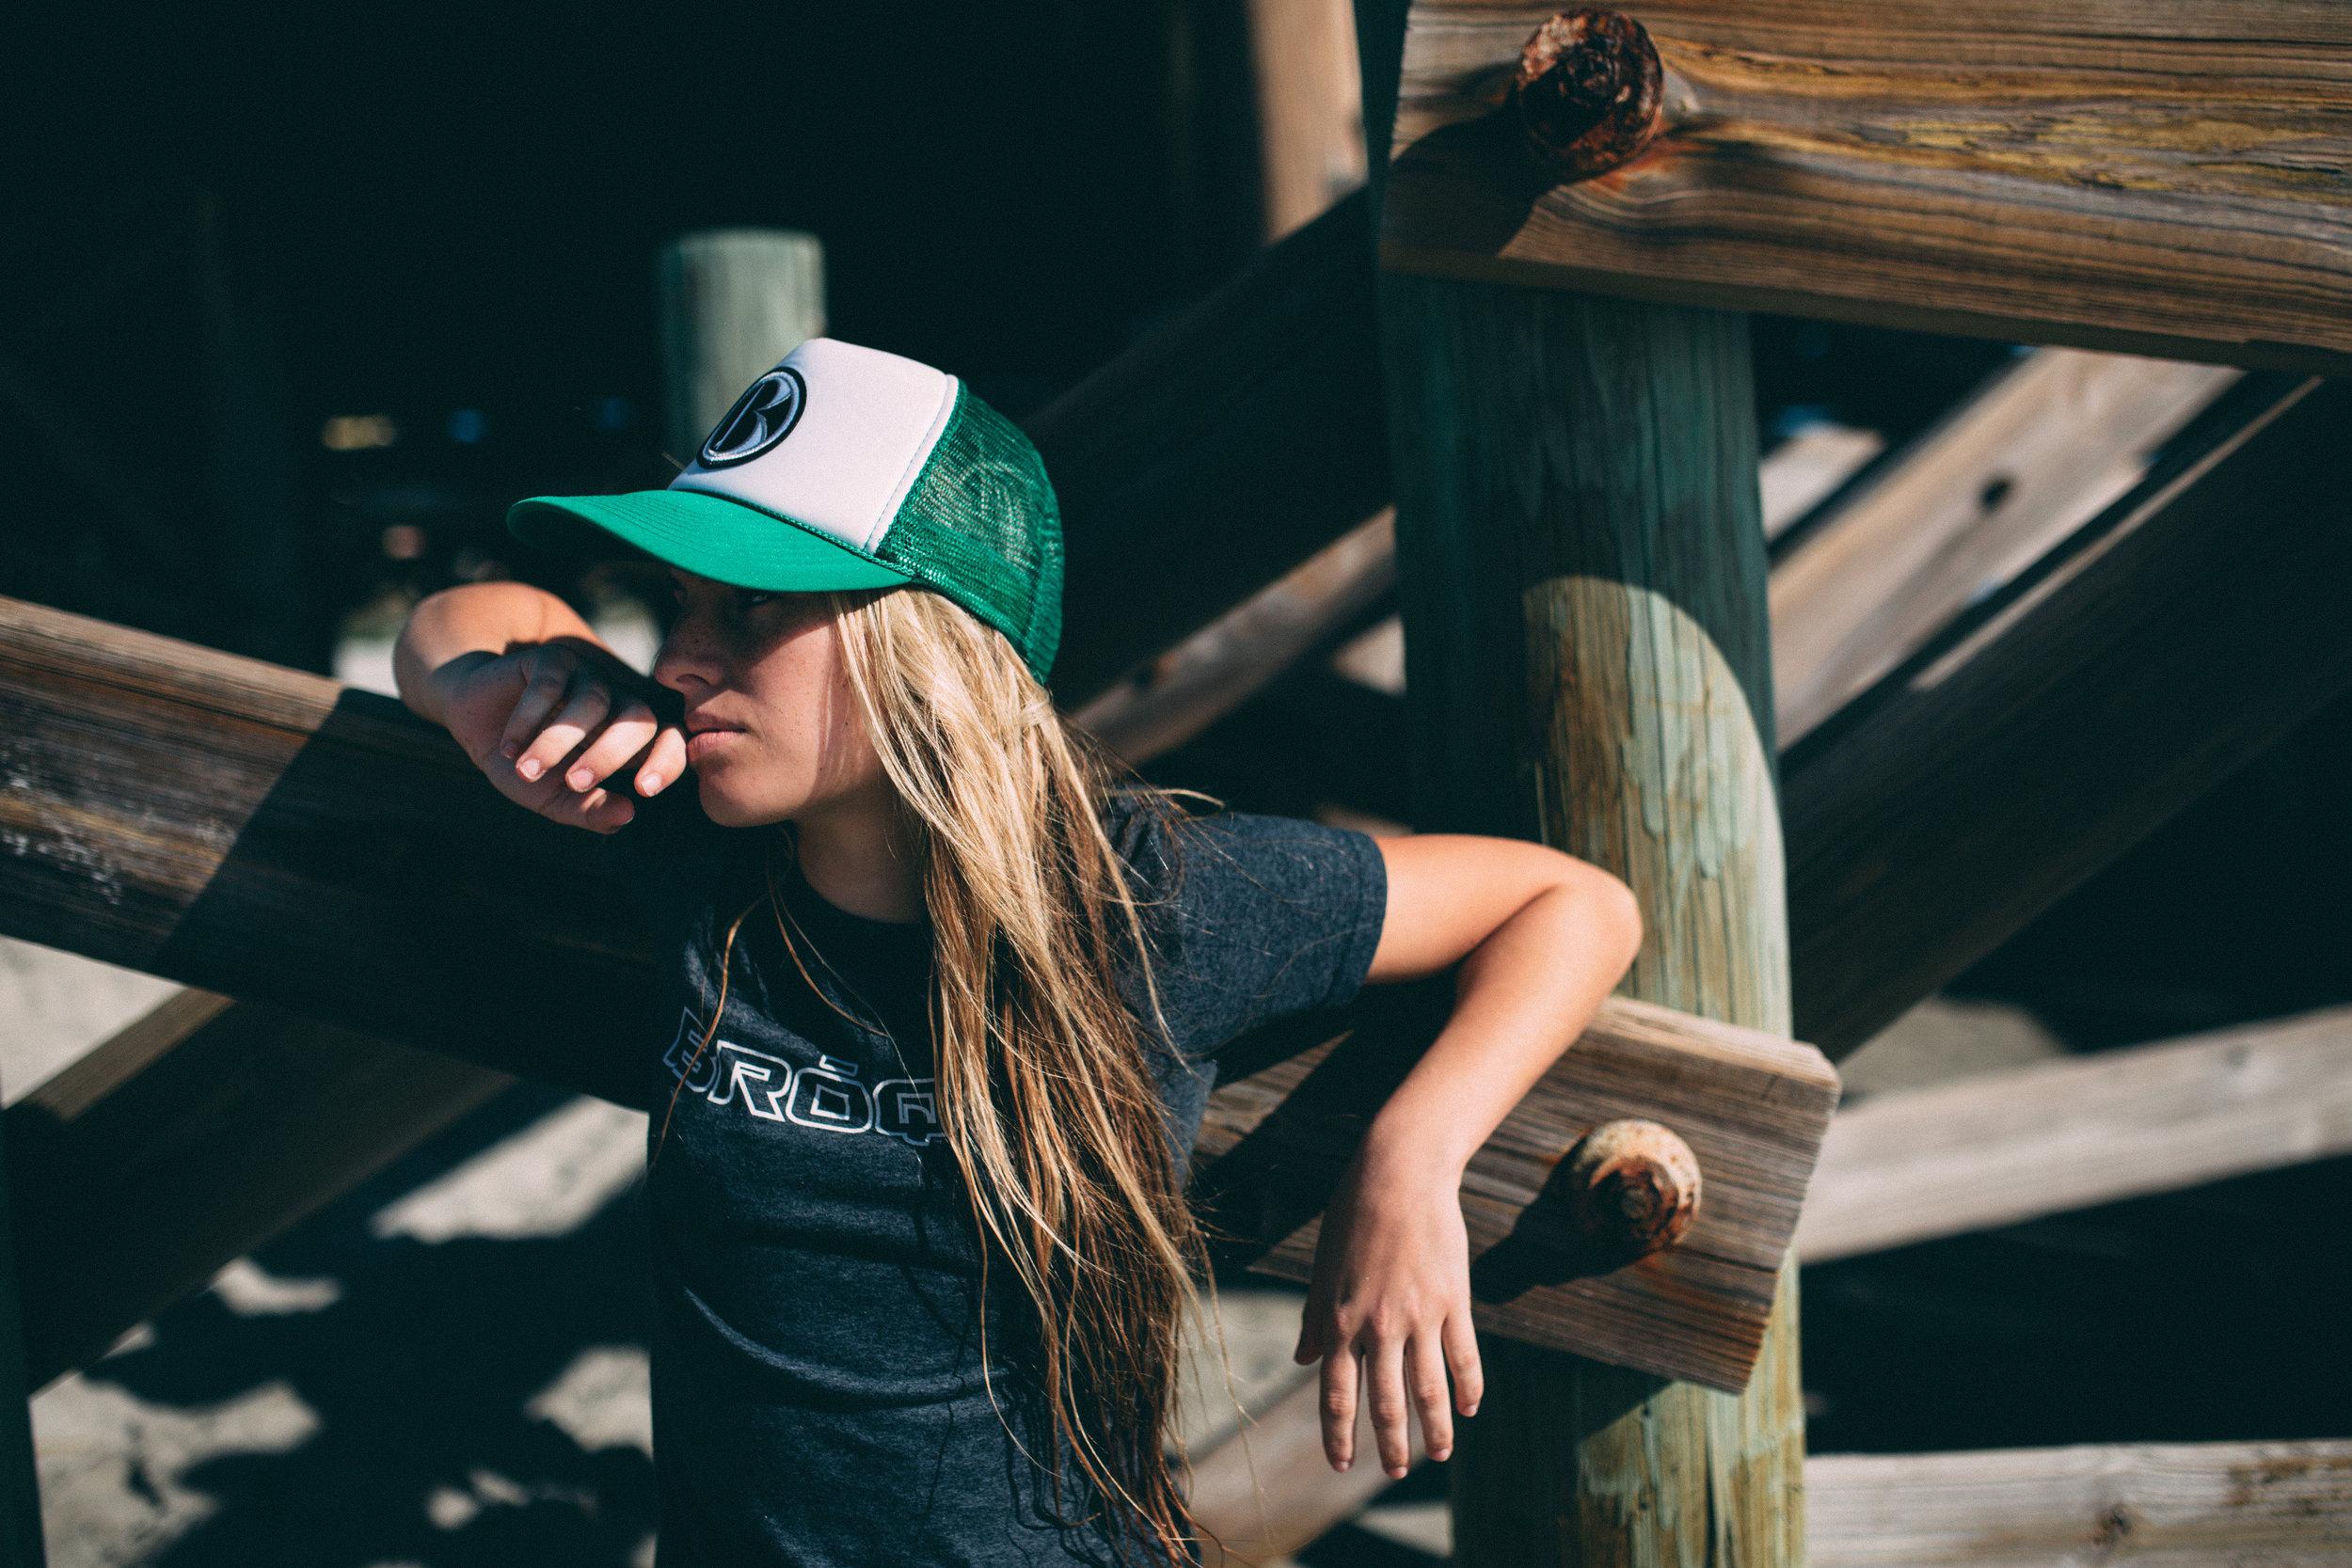 Florida-Cocoa-Beach-Photographer-SurfingFlorida-Cocoa-Beach-Photographer-Broq